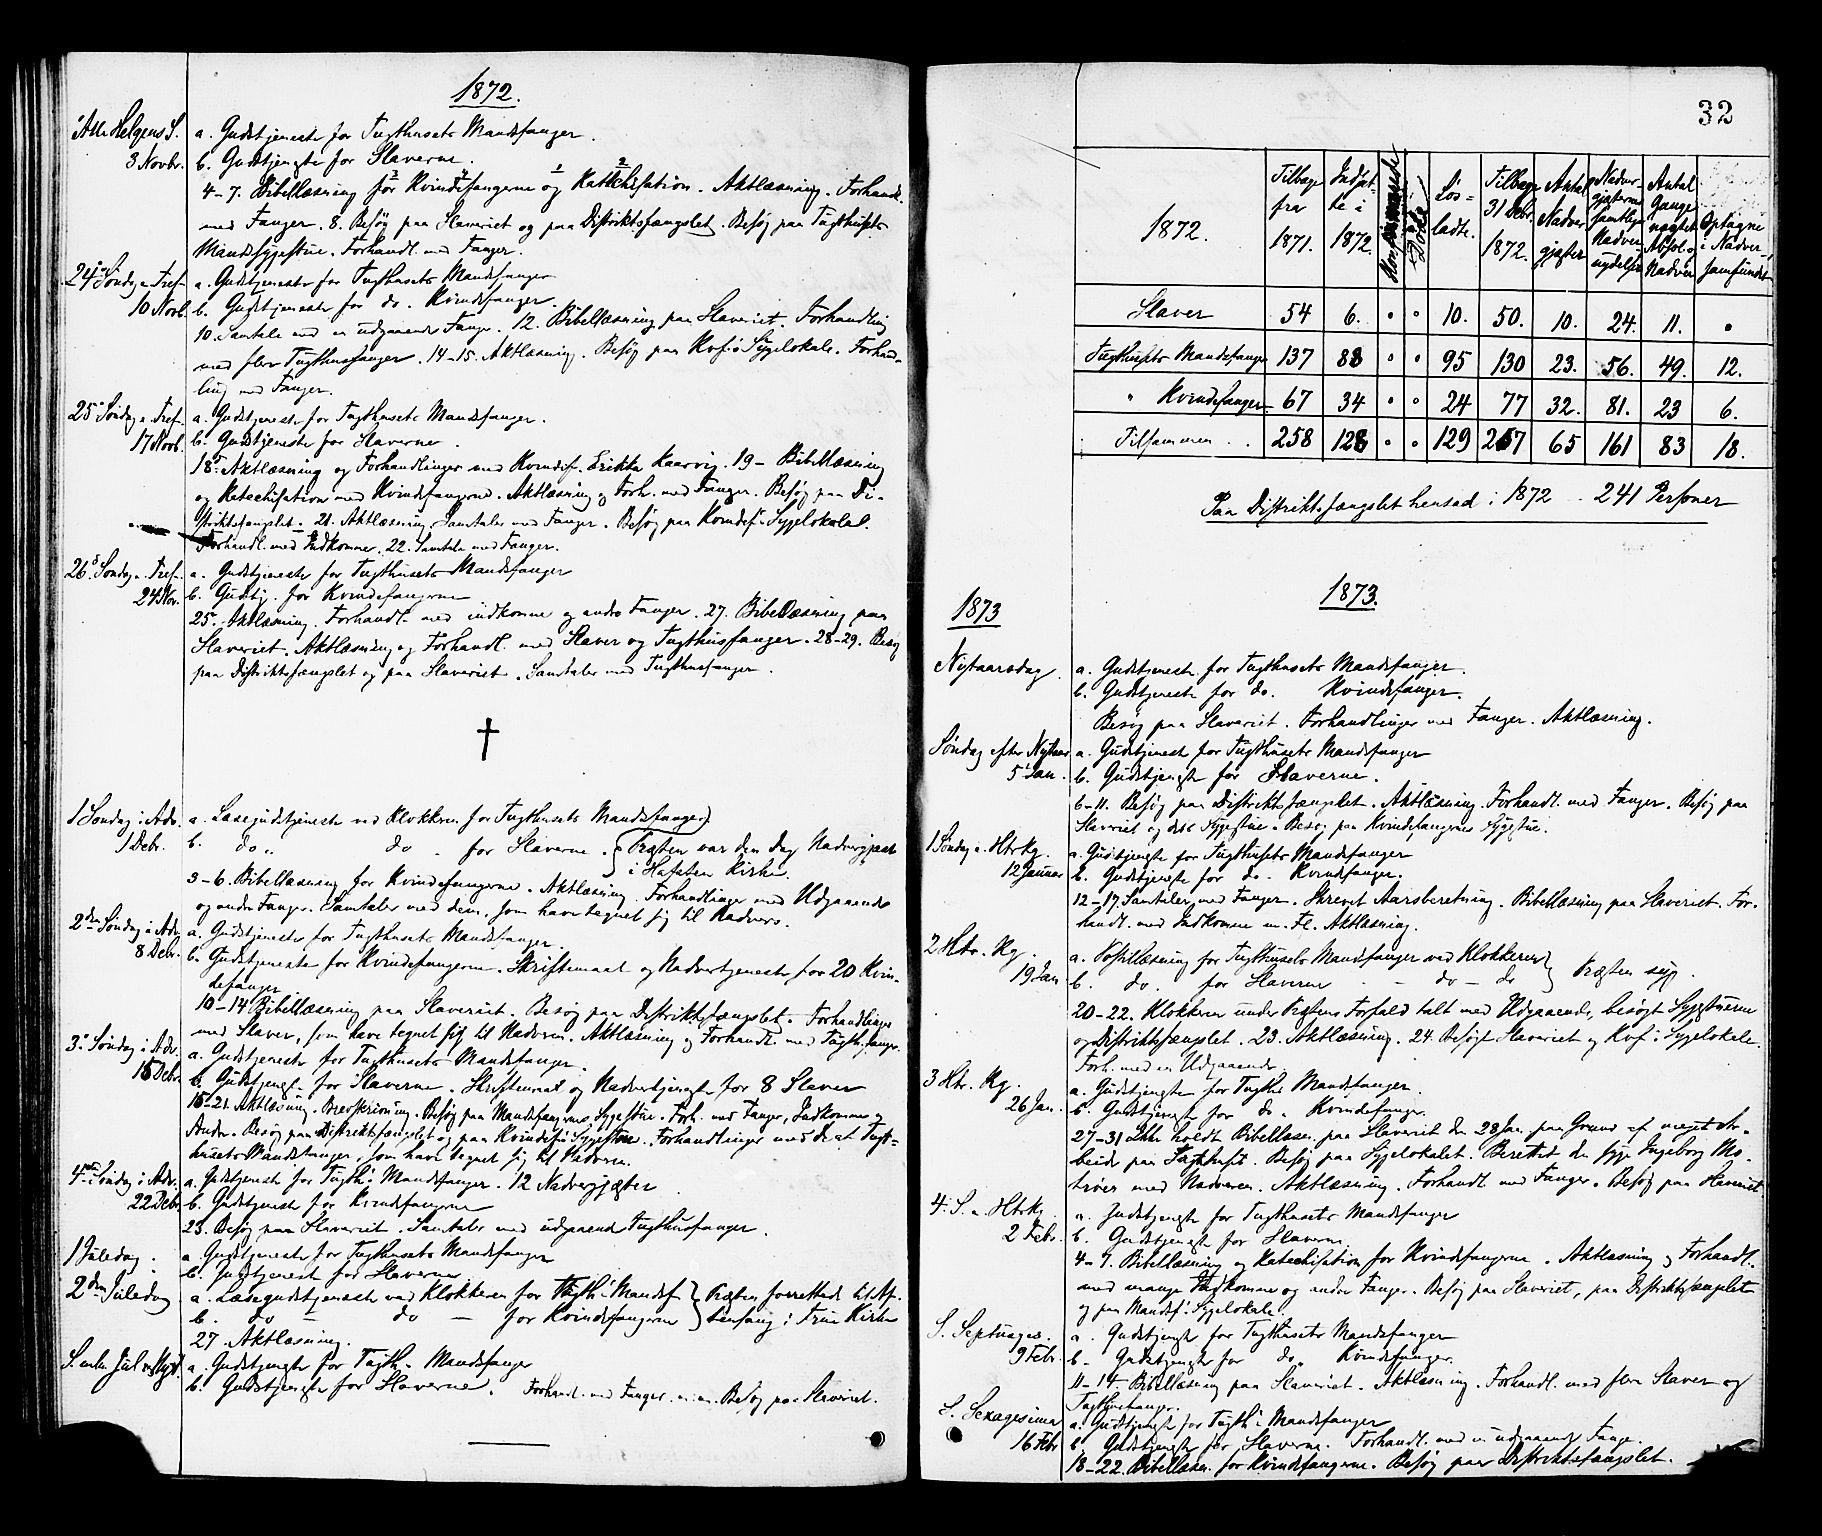 SAT, Ministerialprotokoller, klokkerbøker og fødselsregistre - Sør-Trøndelag, 624/L0482: Ministerialbok nr. 624A03, 1870-1918, s. 32